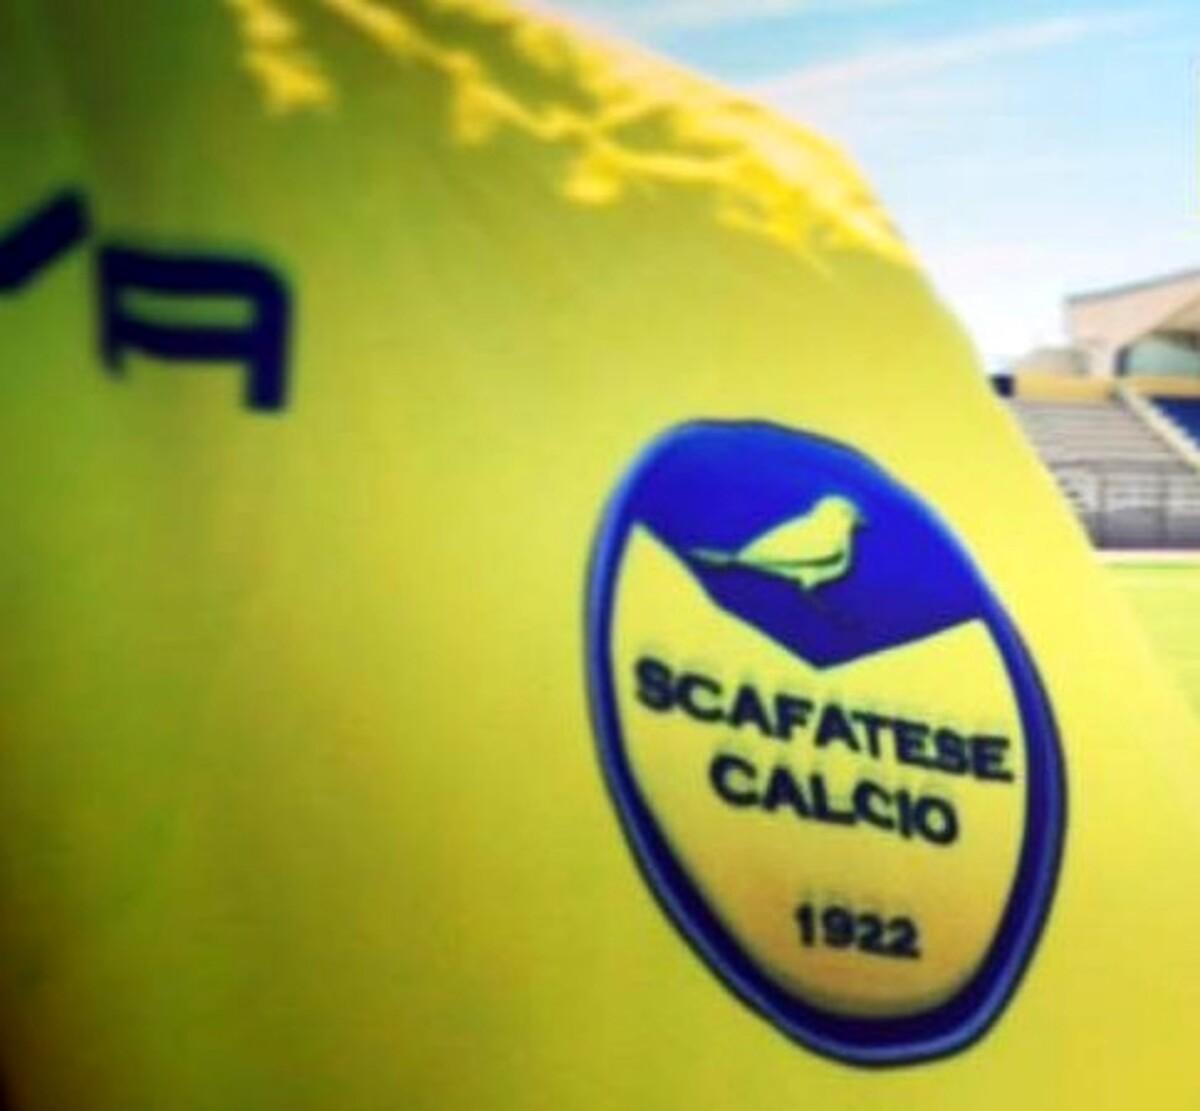 La Scafatese vince, convince e passa il turno di Coppa Italia